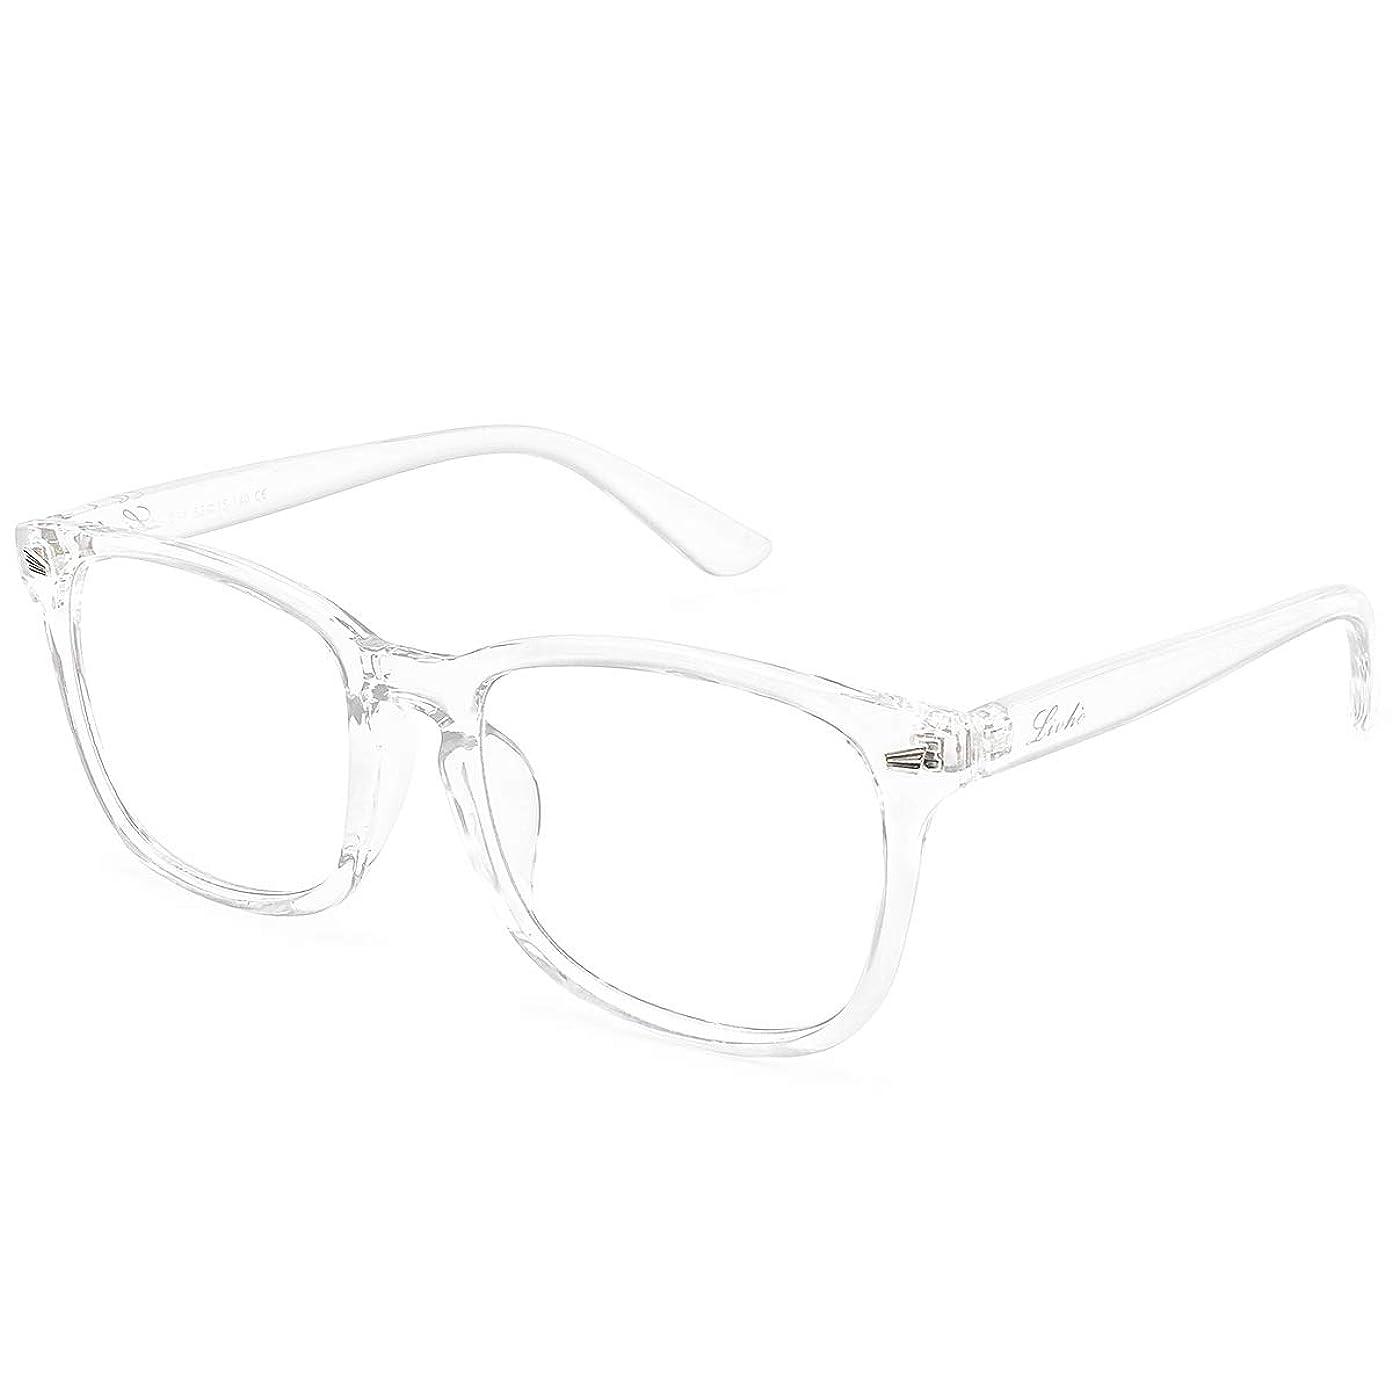 2406232be798 ... [Anti-Eyestrain] Rectangular Reading Eyewears; Livhò Blue Light  Blocking Glasses, Computer Reading/Gaming/TV/Phones Glasses for